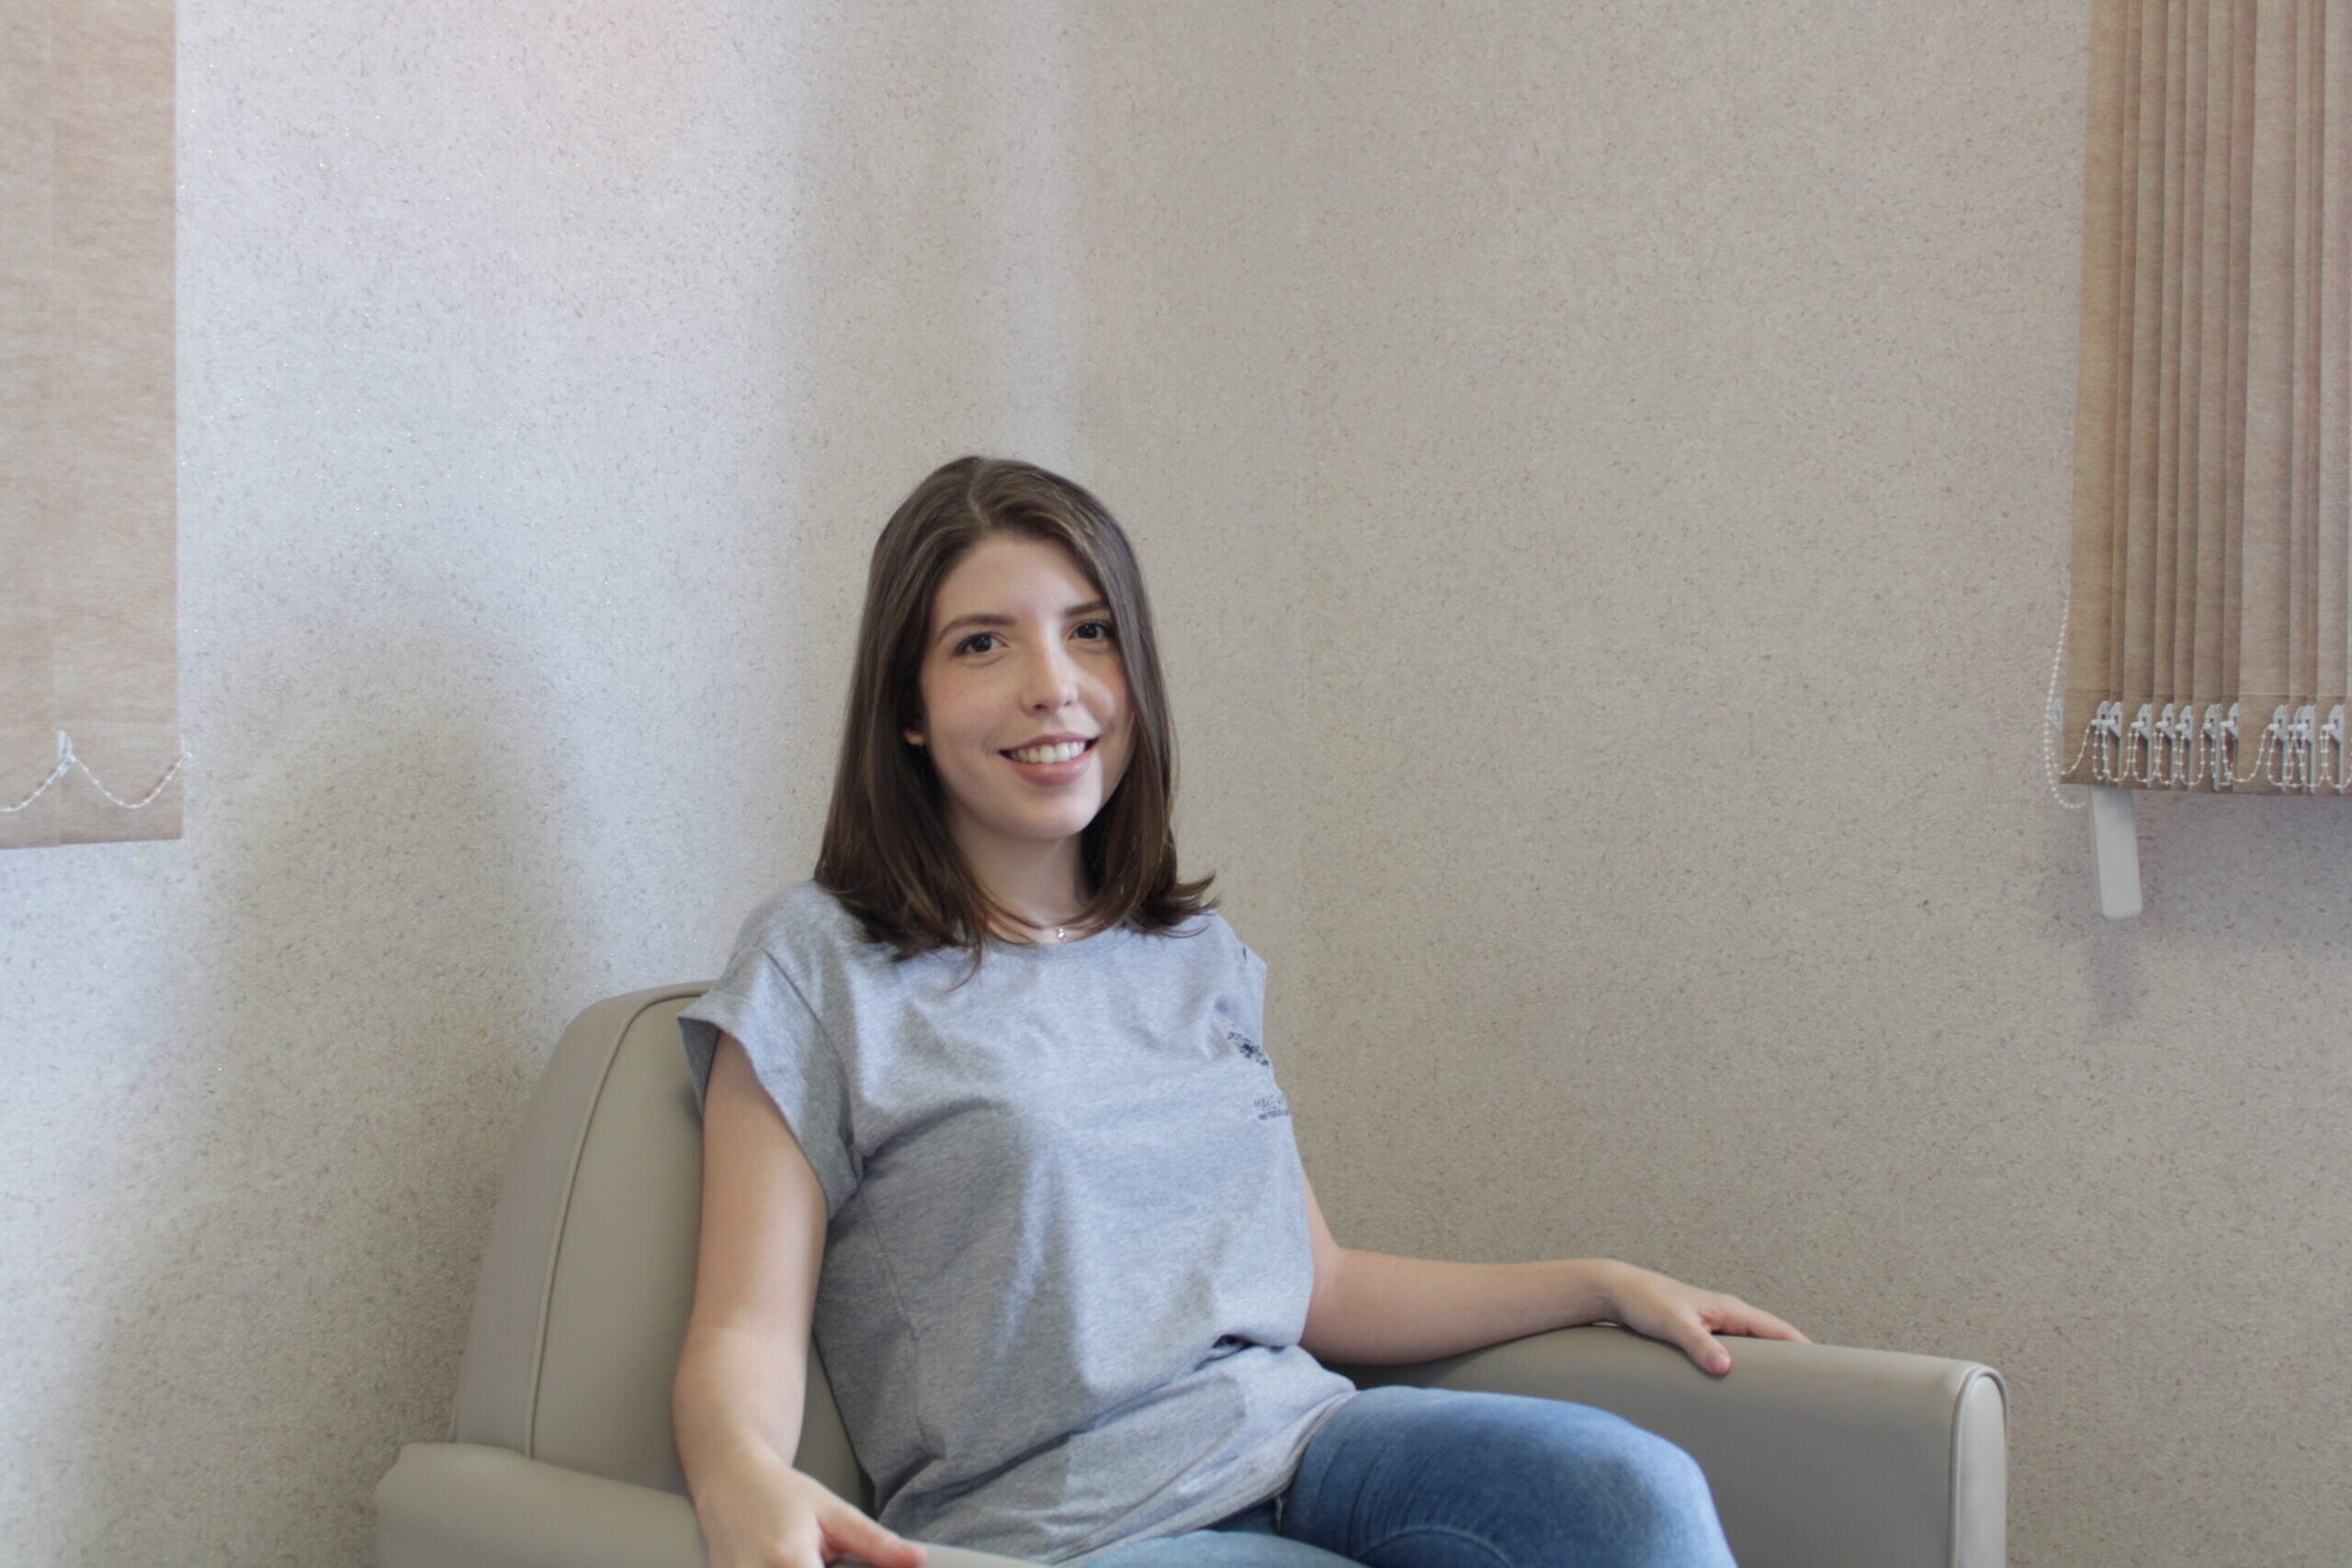 Valeska Schwarz Kucharski